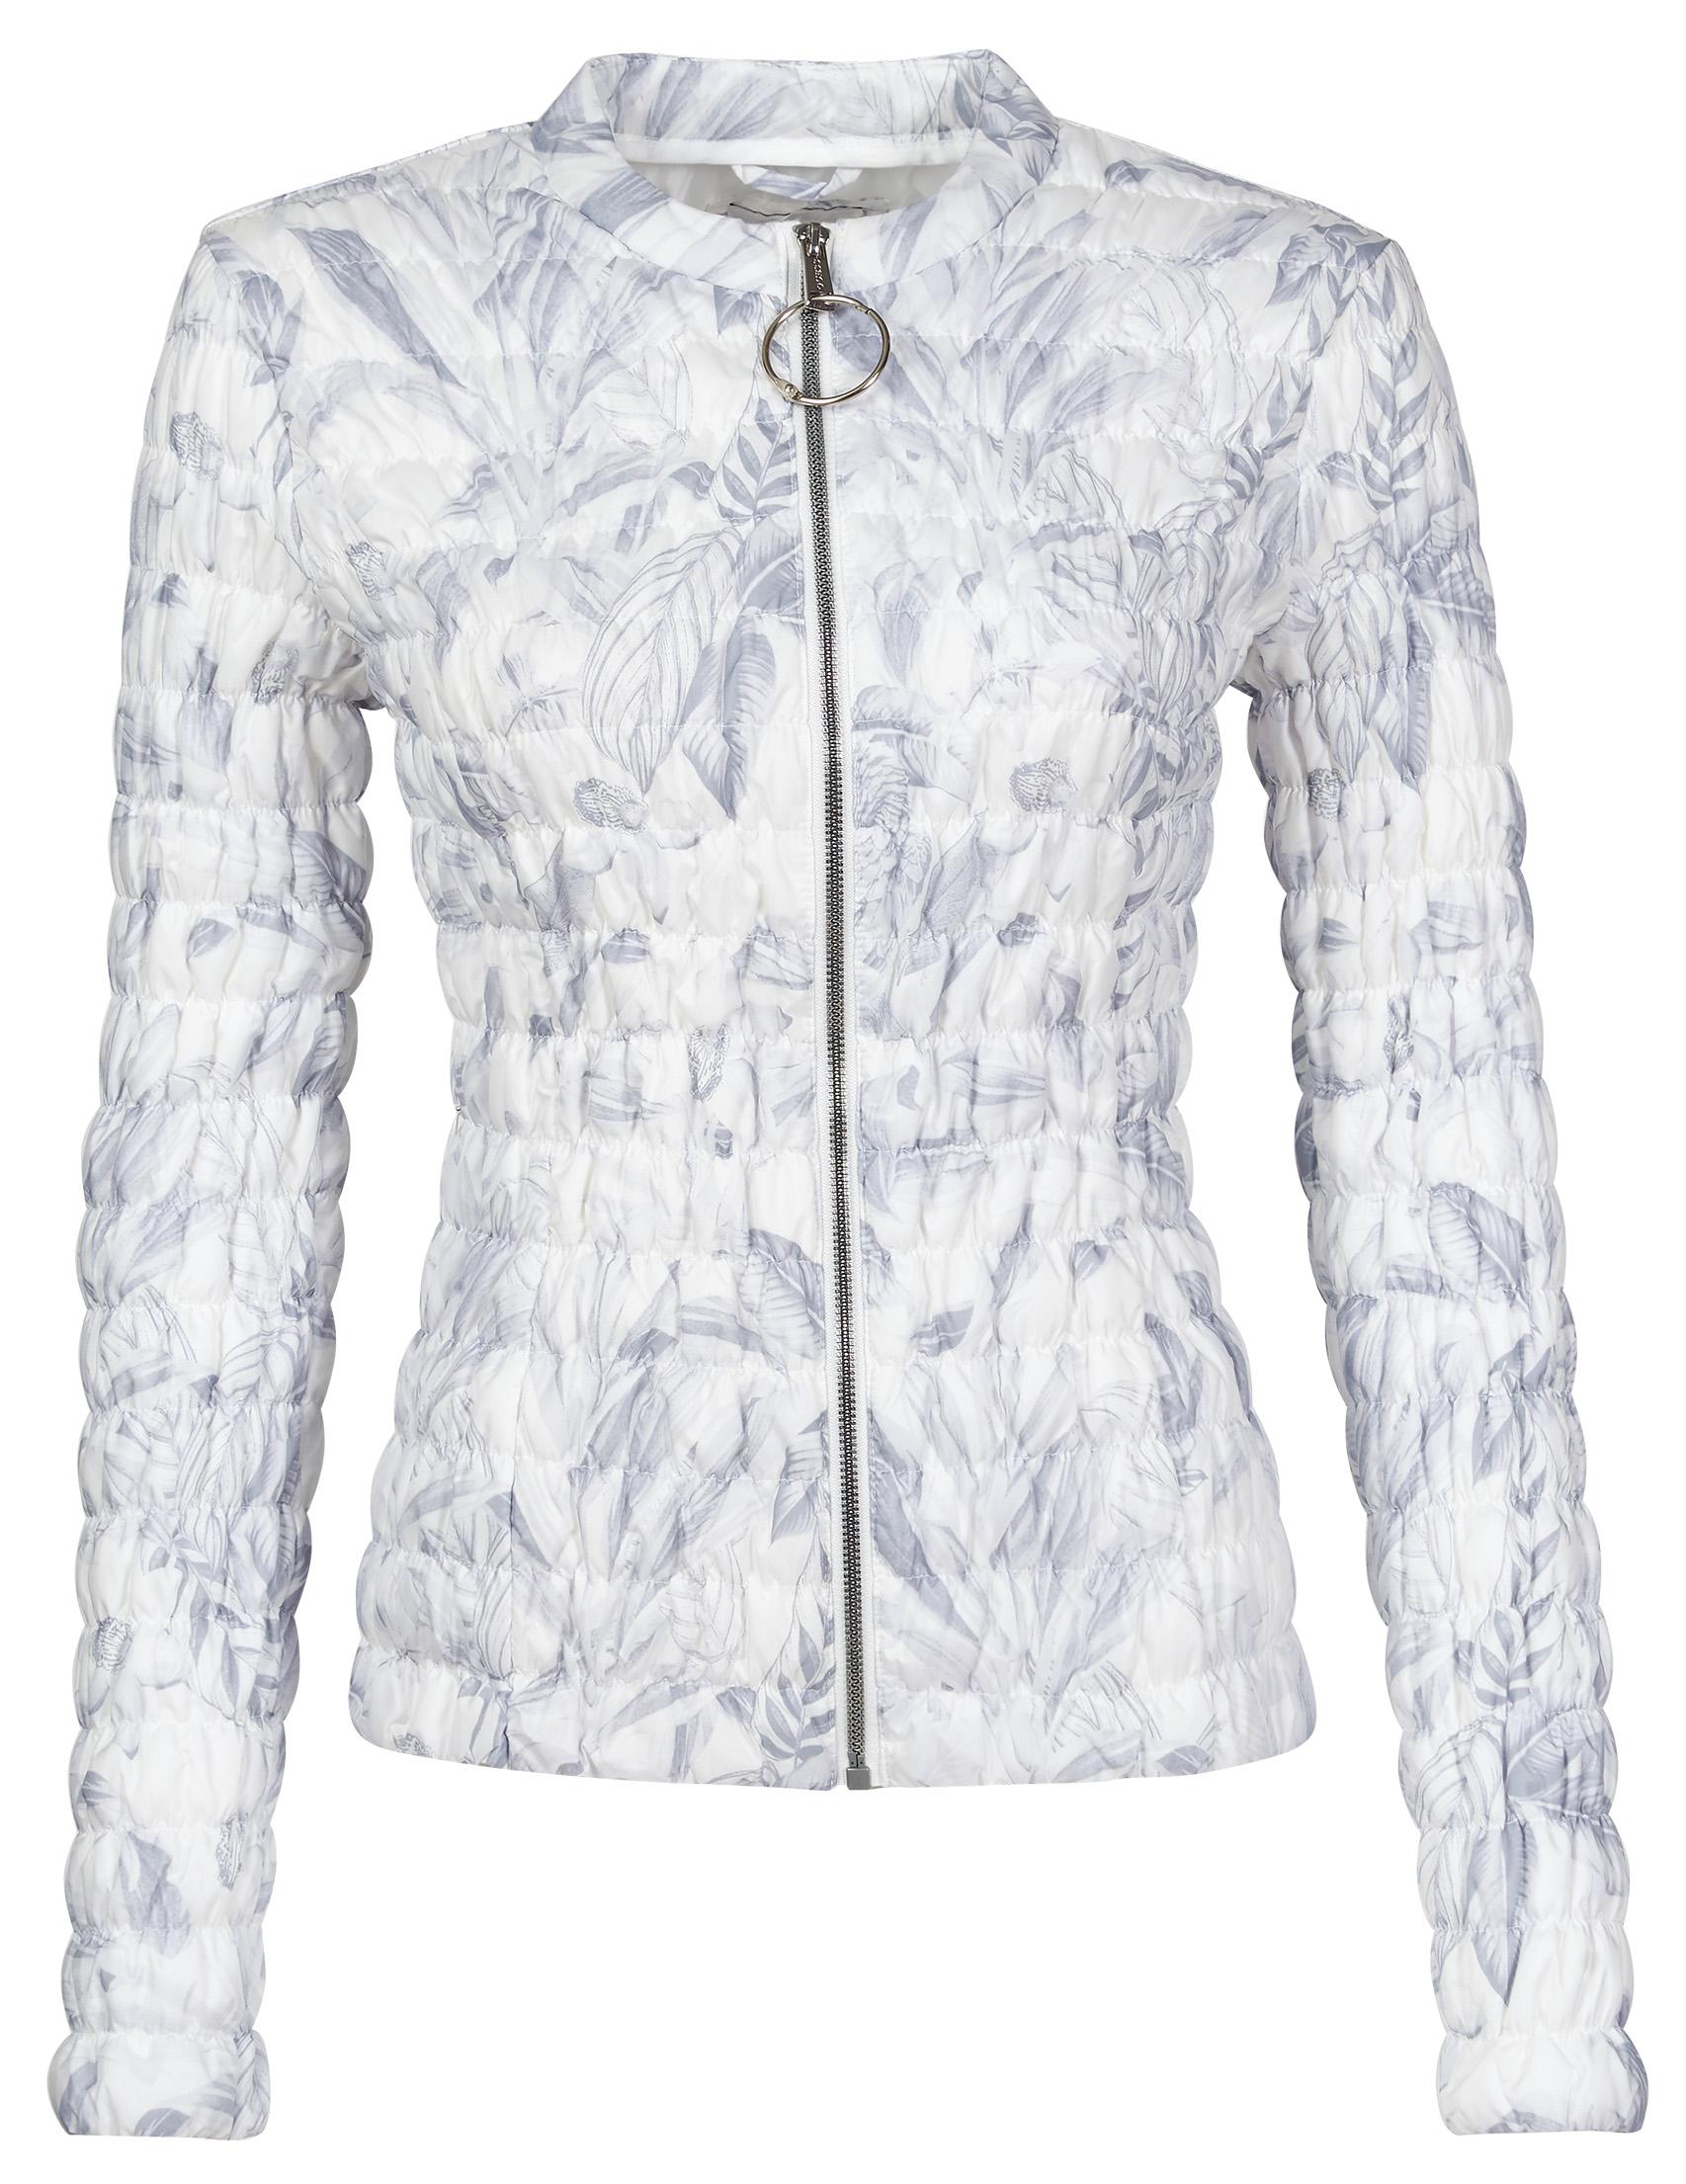 Купить Куртка, GUESS, Белый, 100%Полиэстер, Весна-Лето